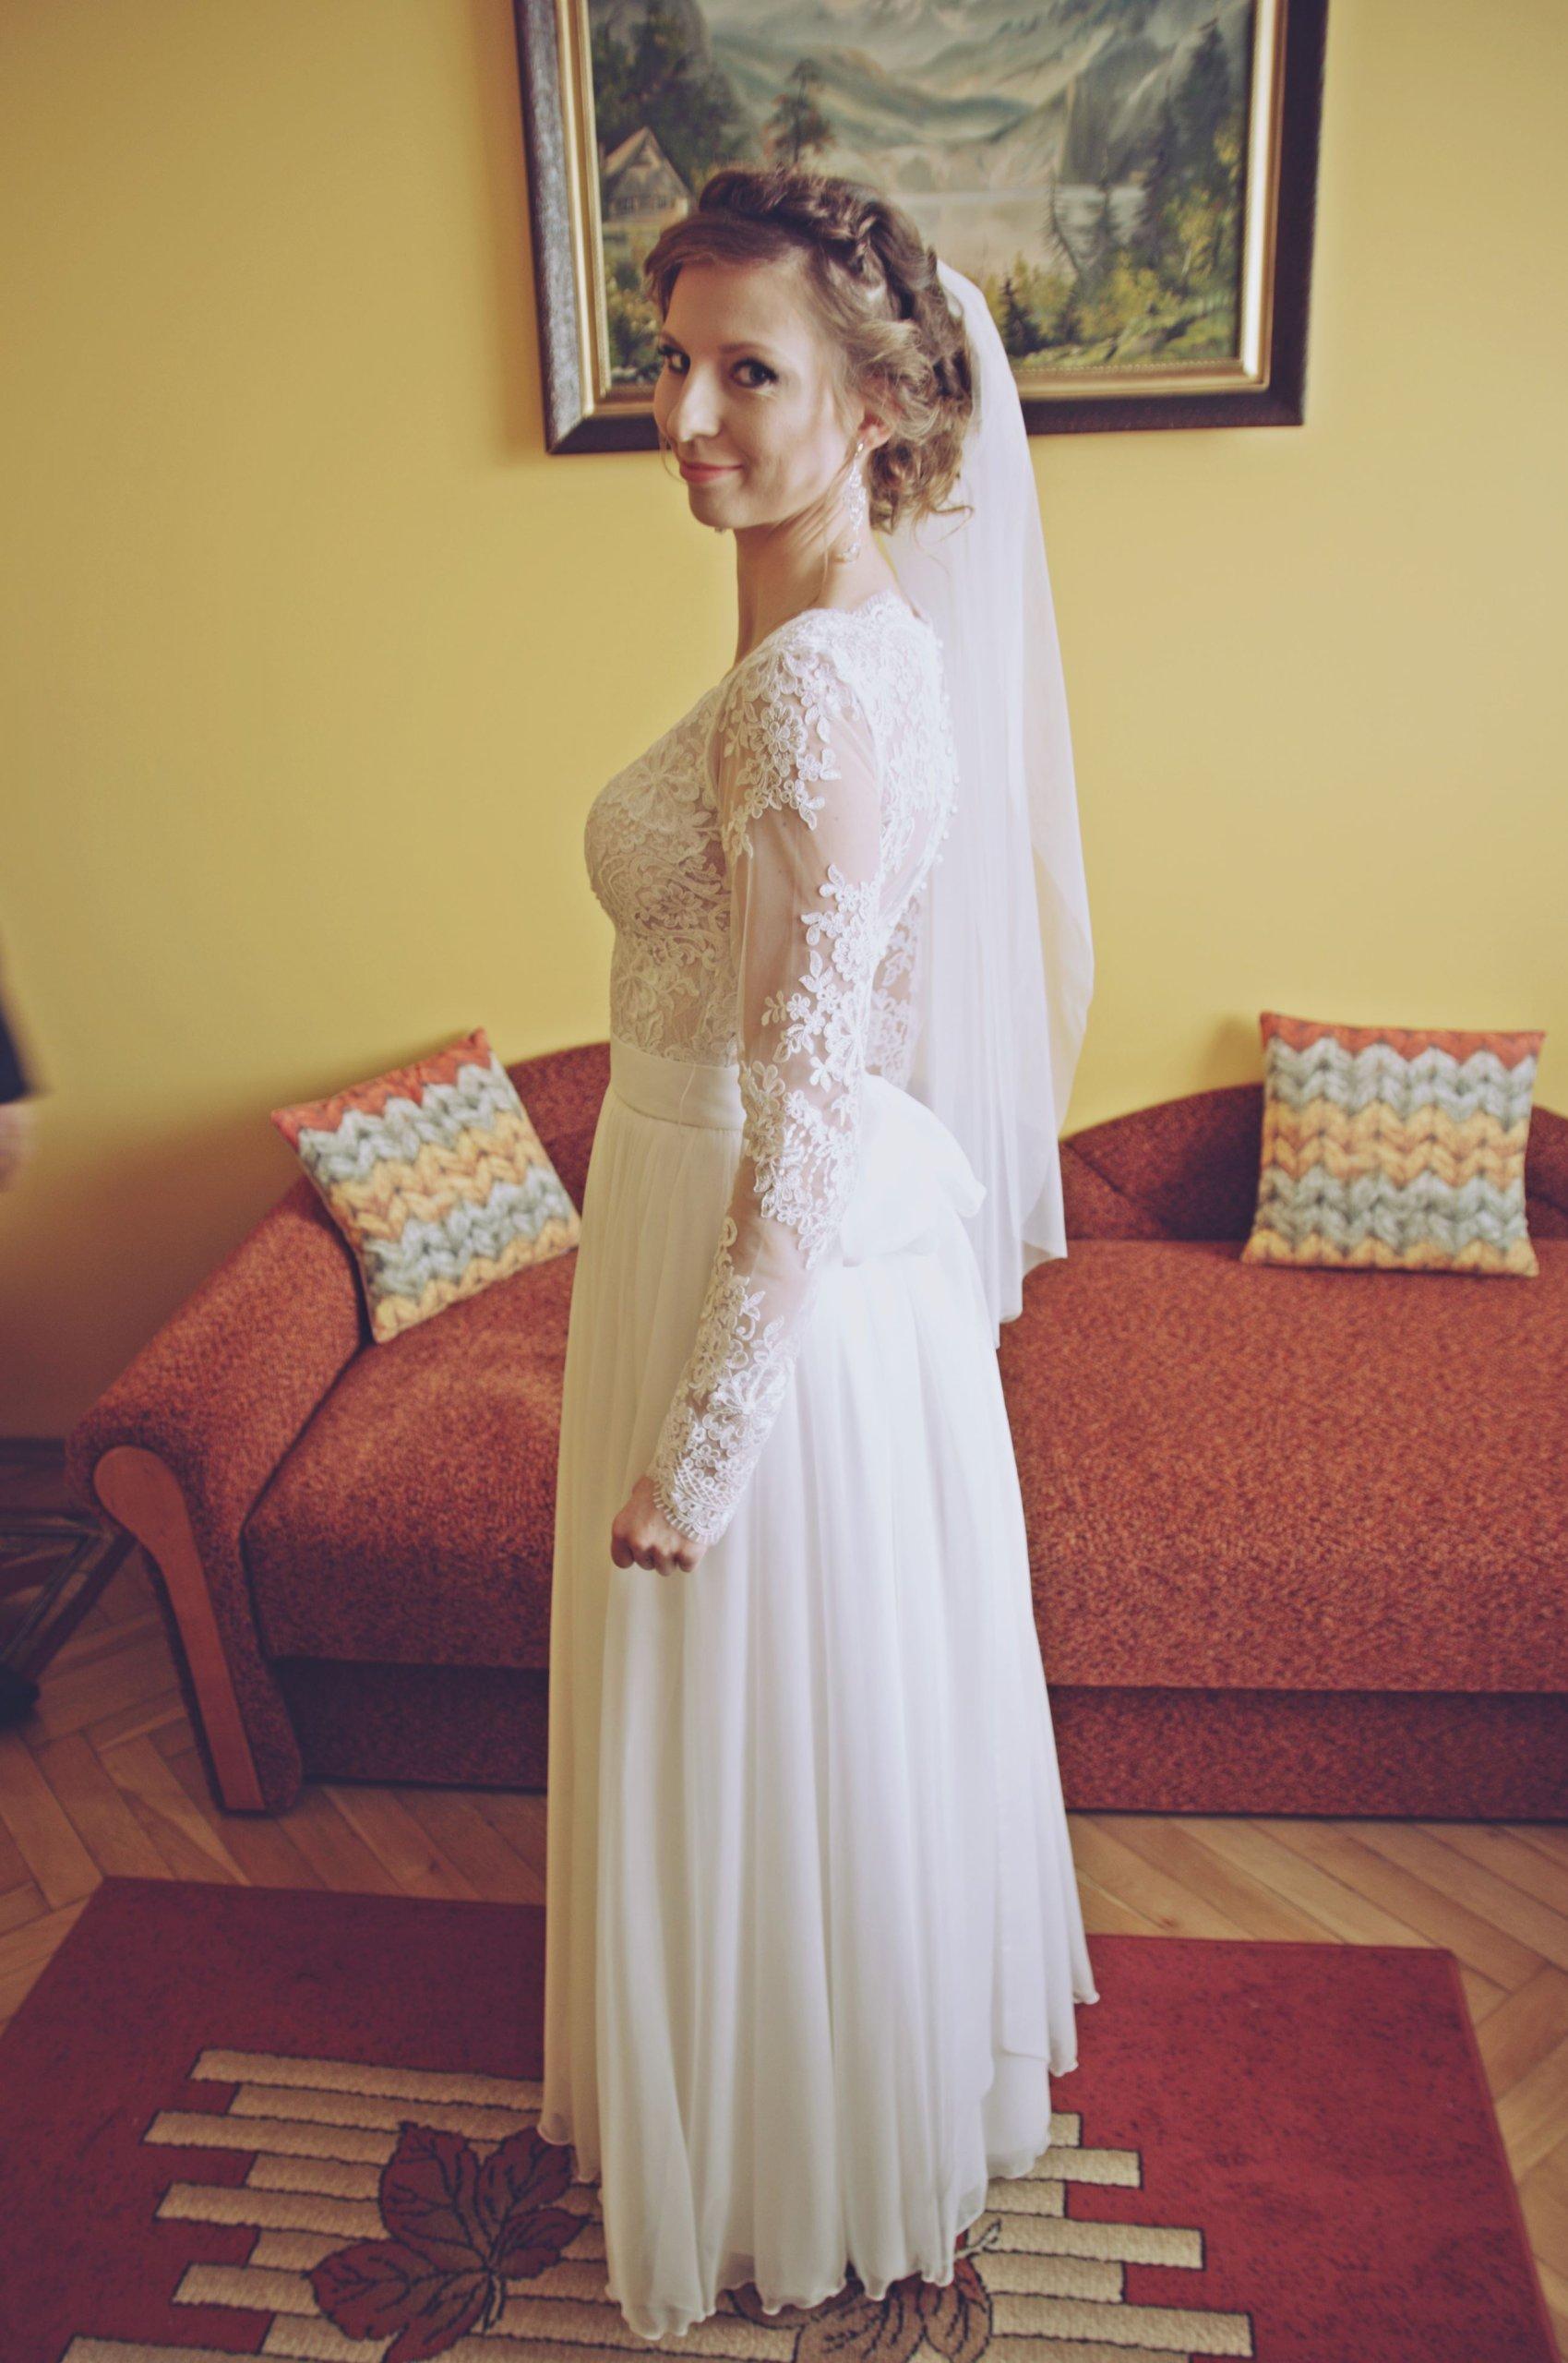 Suknia ślubna 2 W 1 Odpinane Rękawy 3436 7123882659 Oficjalne